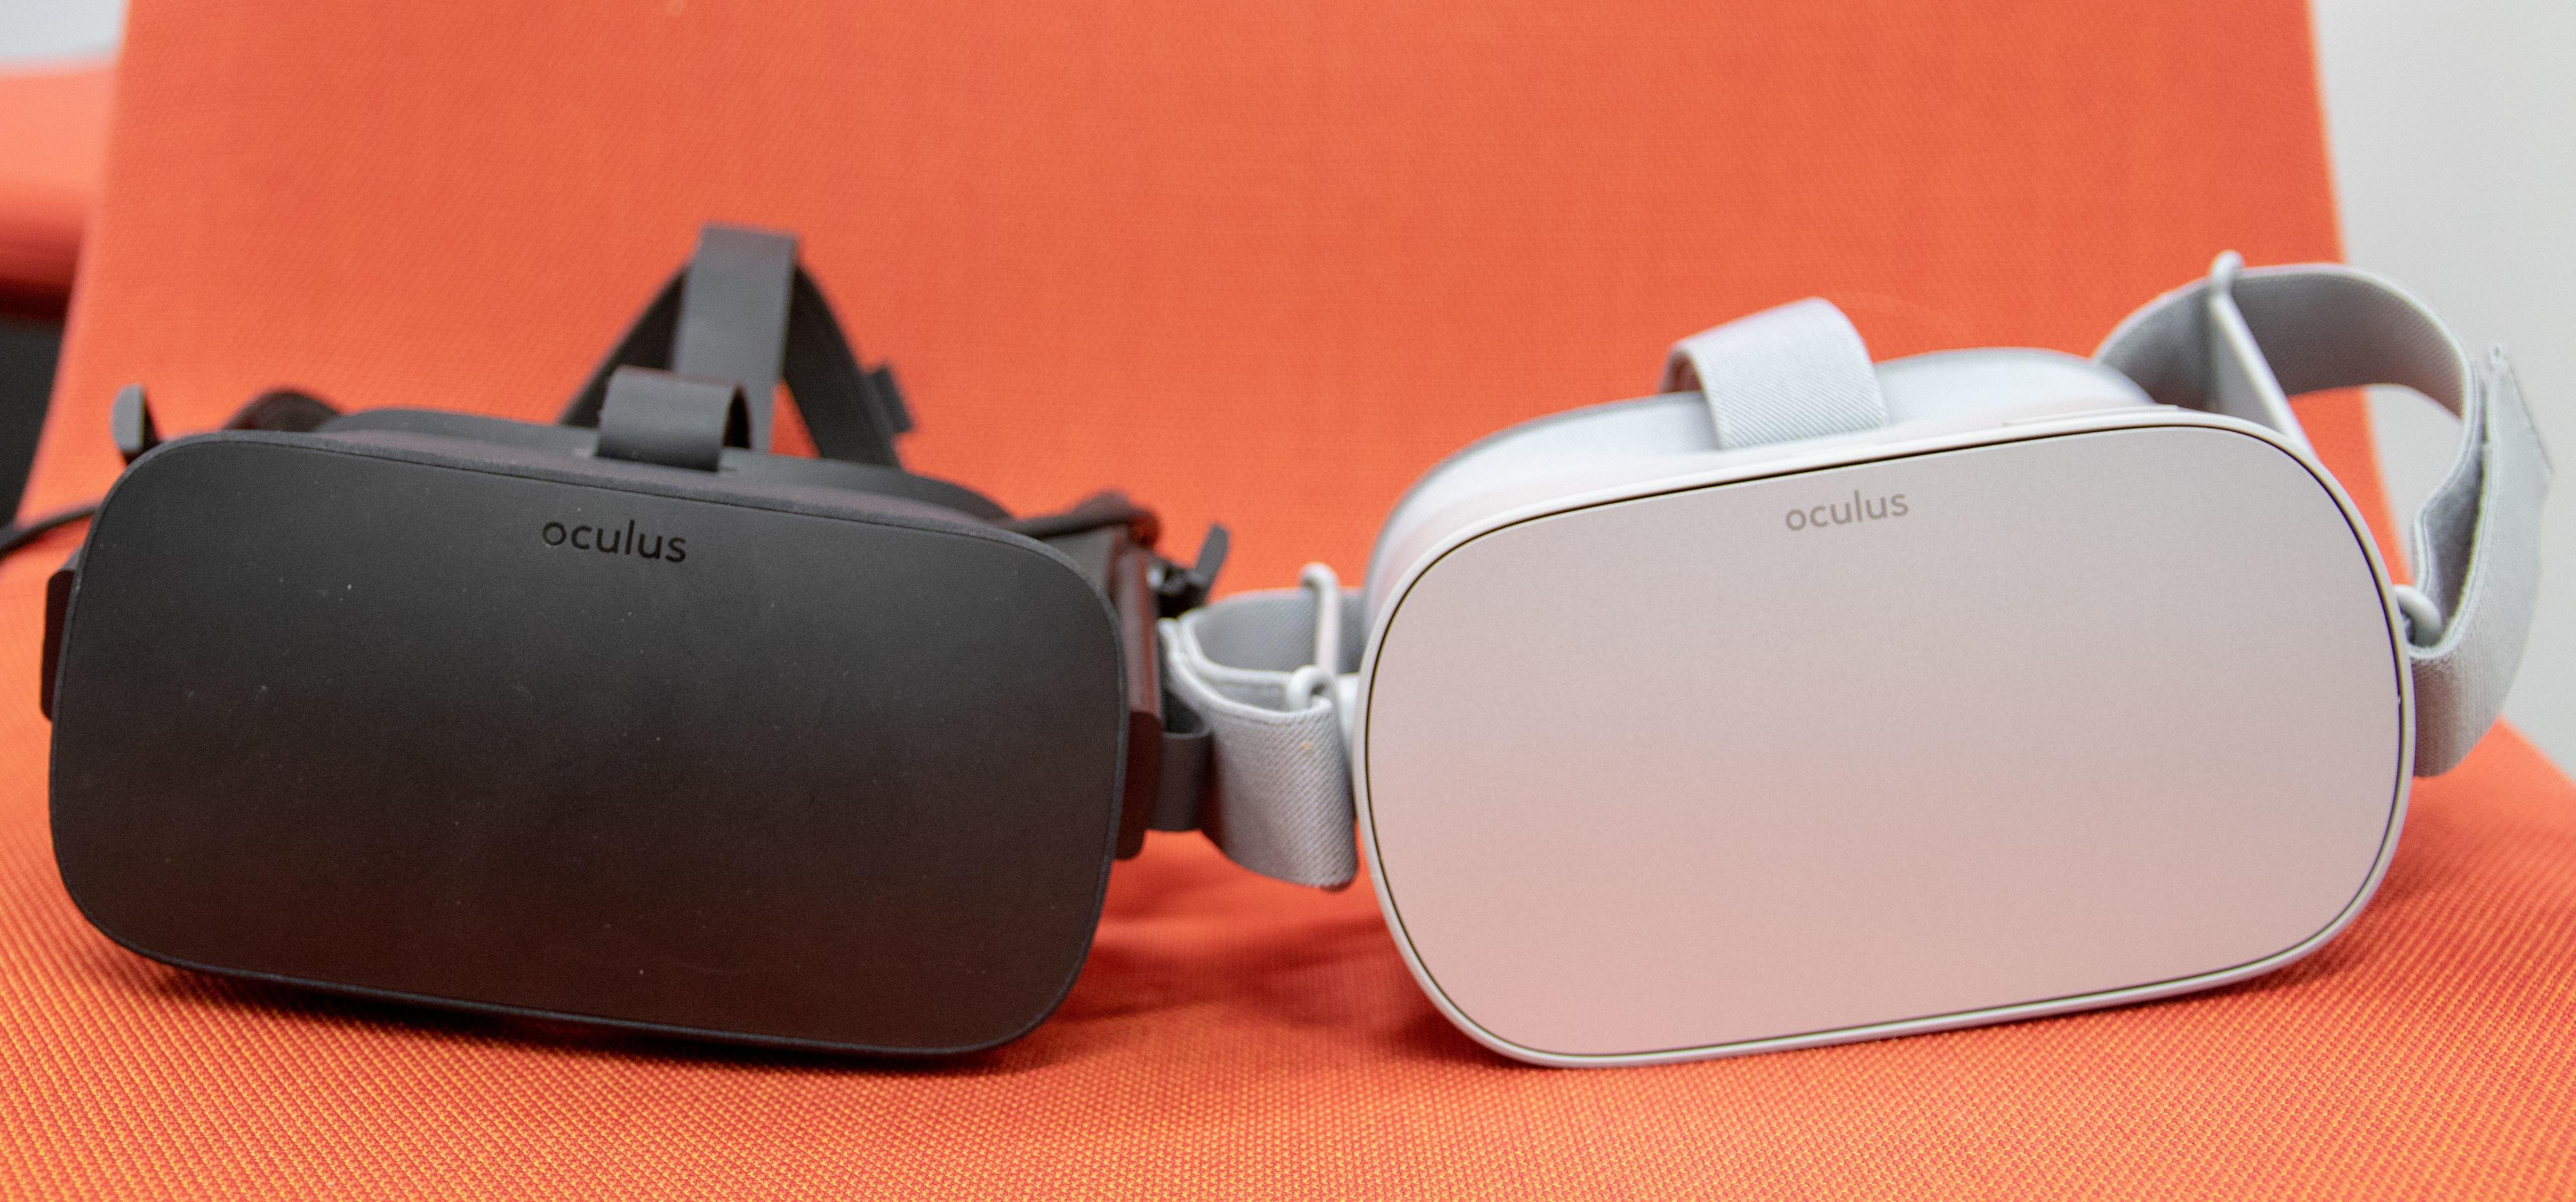 Oculus Rift til venstre, Oculus Go til høyre.